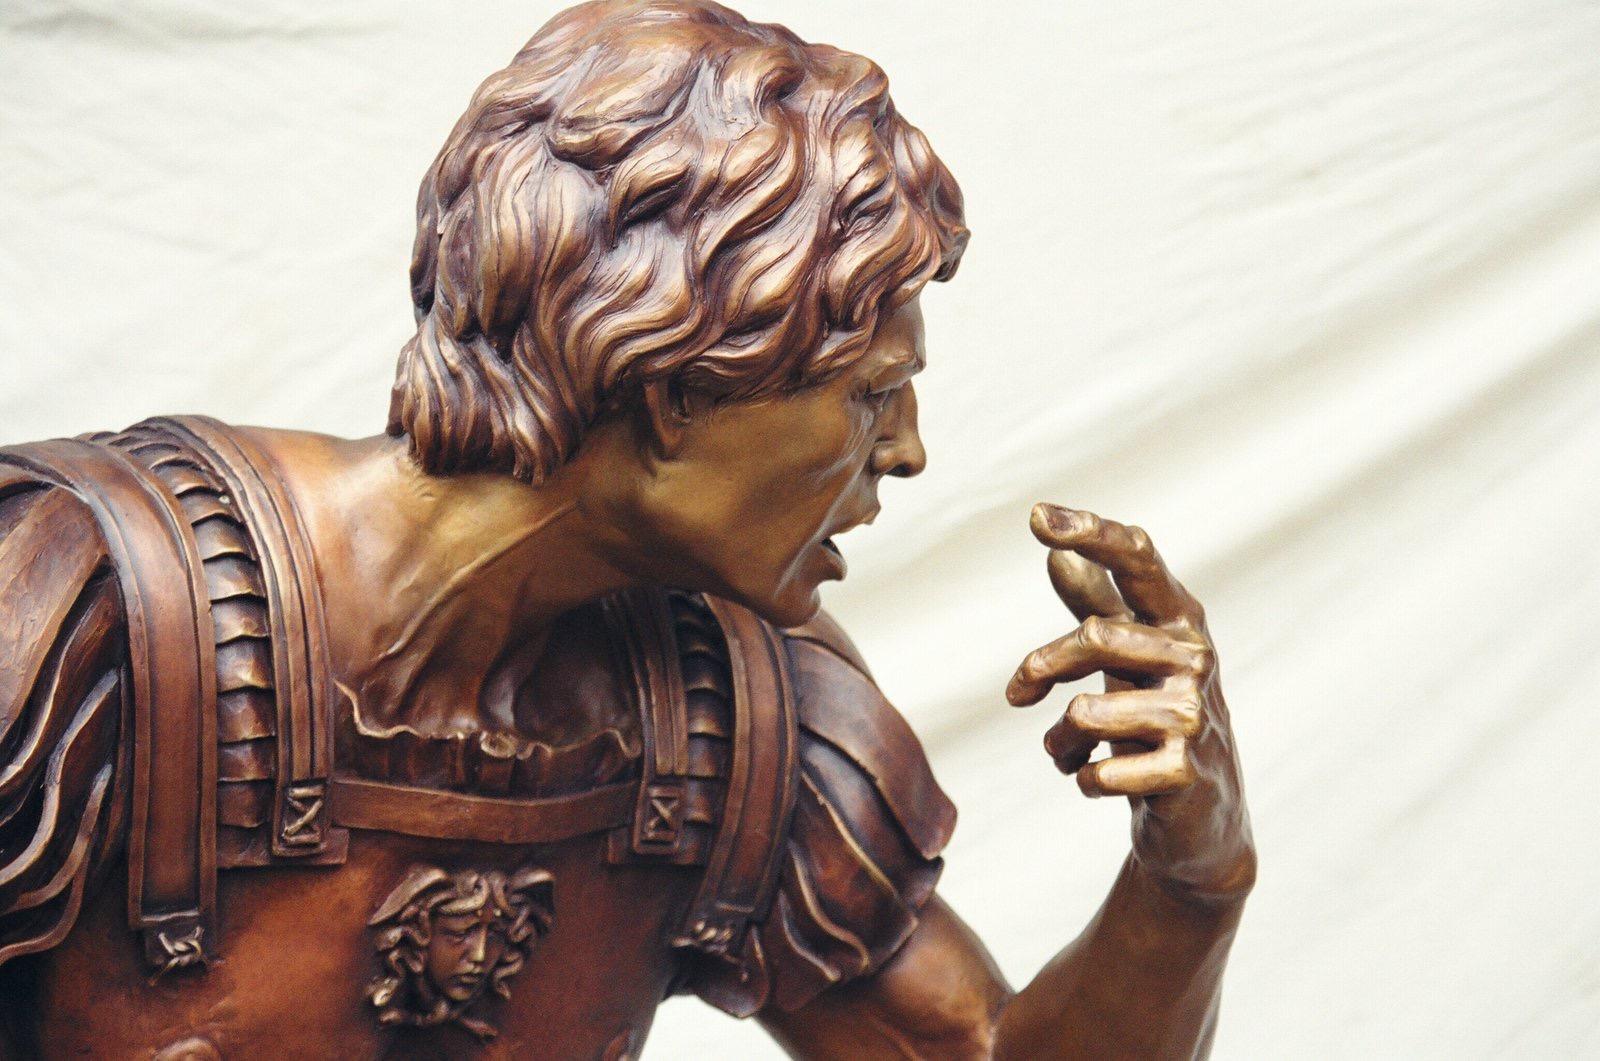 Slatoff_Jesus Falls_Bronze_72070001.jpg